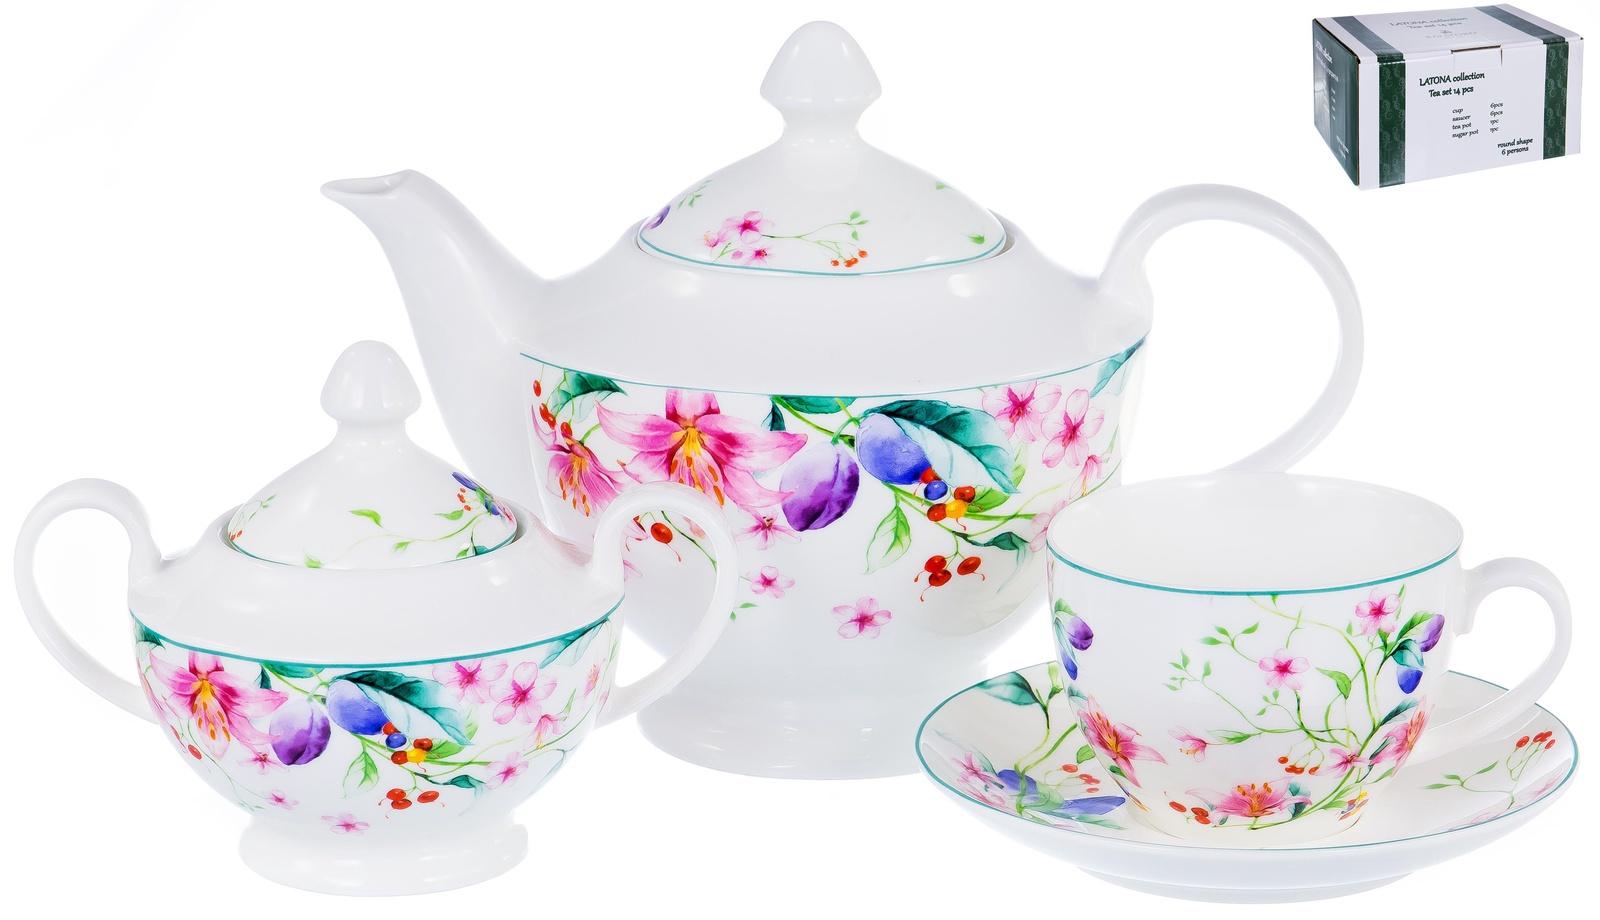 Набор чайный ЛАТОНА, серия Ароматный мир, 6 чашек 300мл, 6 блюдец , чайник 1200мл с крышкой, сахарница 470 мл с крышкой, NEW BONE CHINA, декор - цветочный орнамент, цветная упаковка, ТМ Balsford, артикул 104-03006